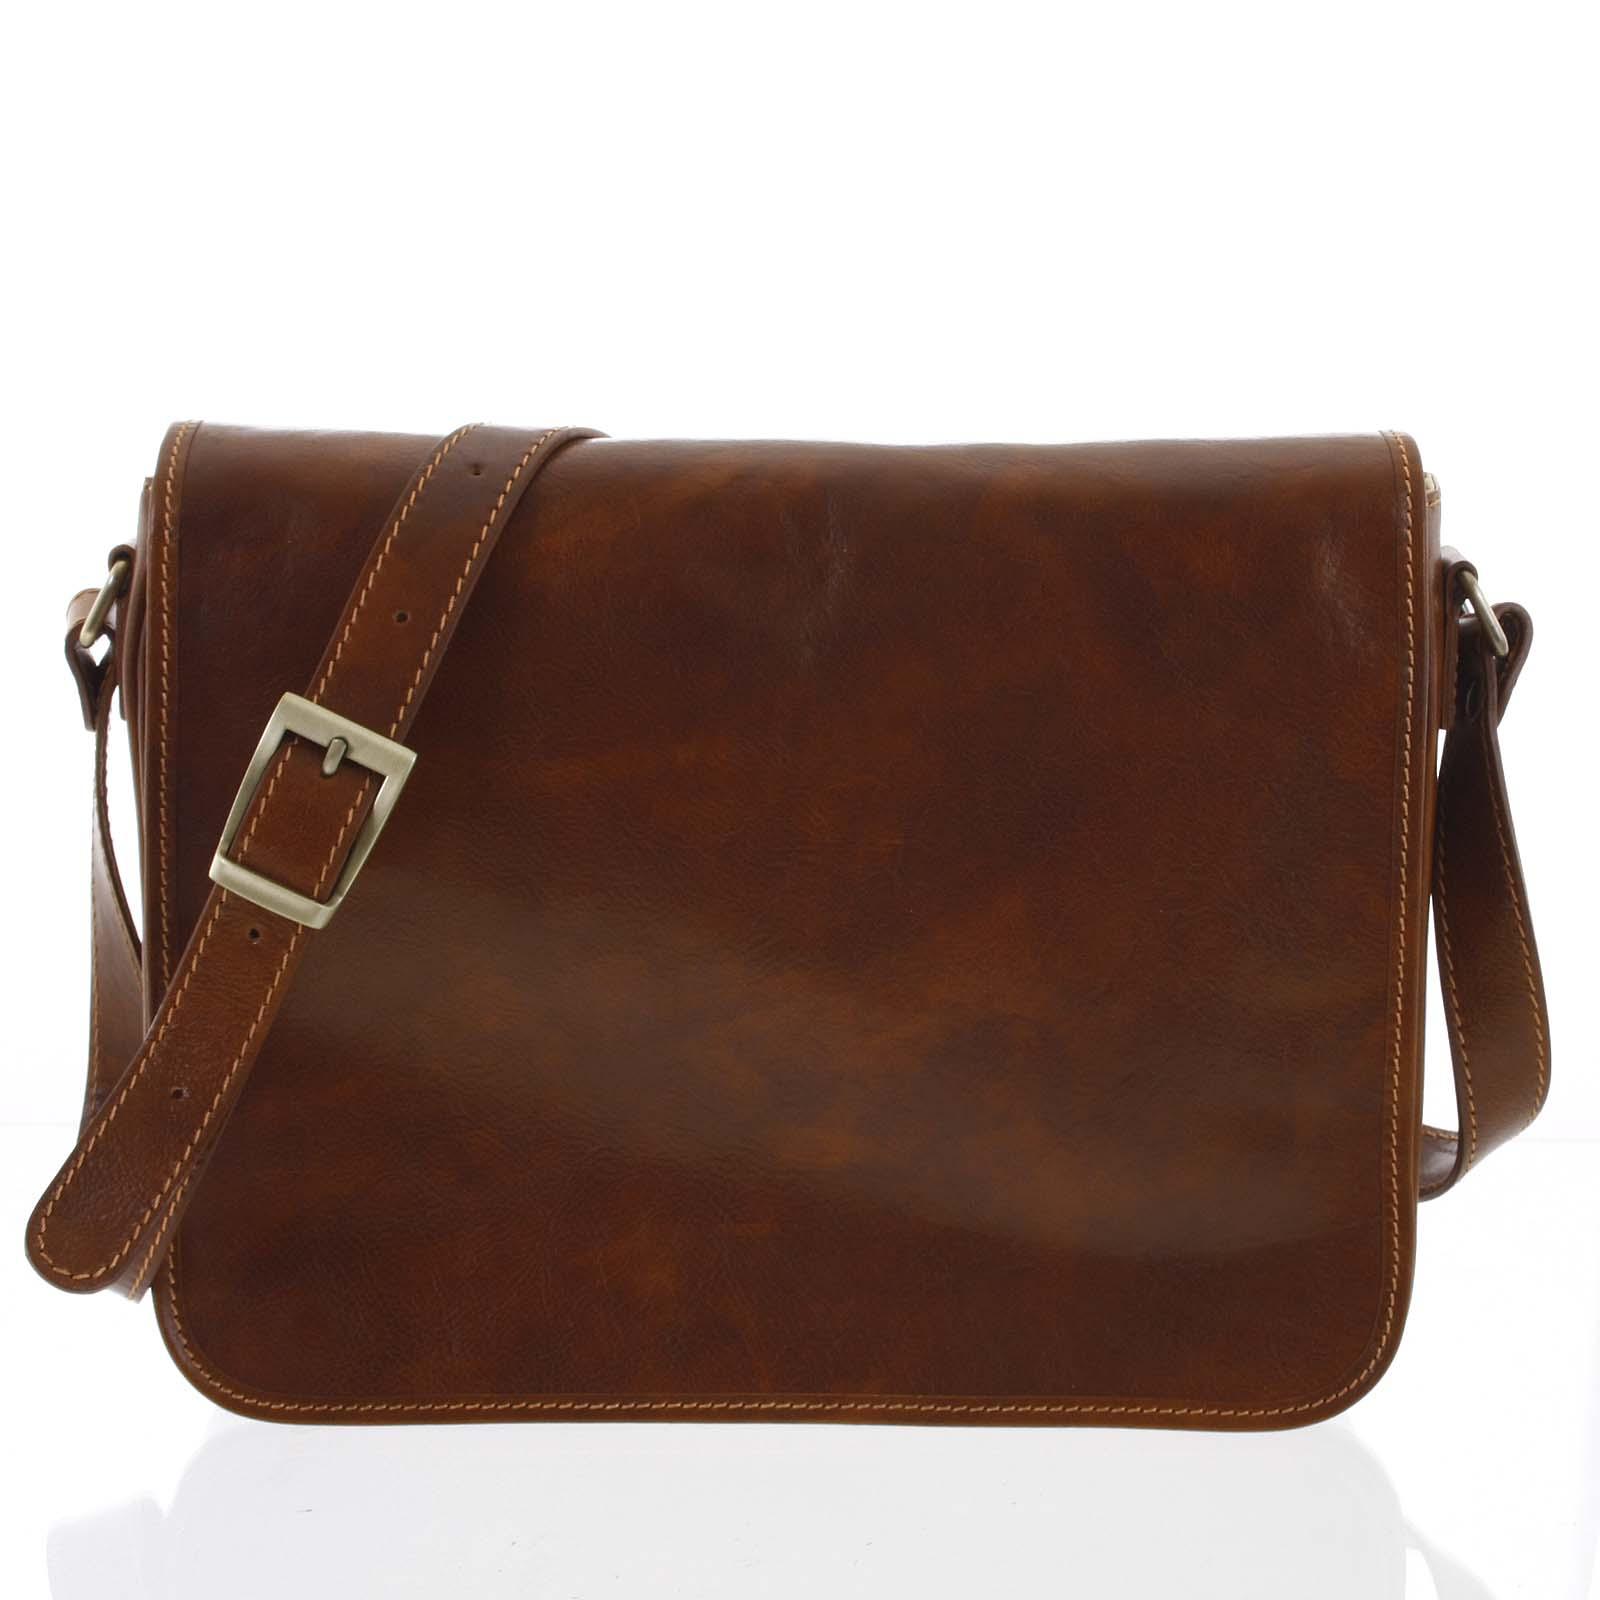 Väčšia pracovná kožená taška antukovohnedá - ItalY Equado Achilles